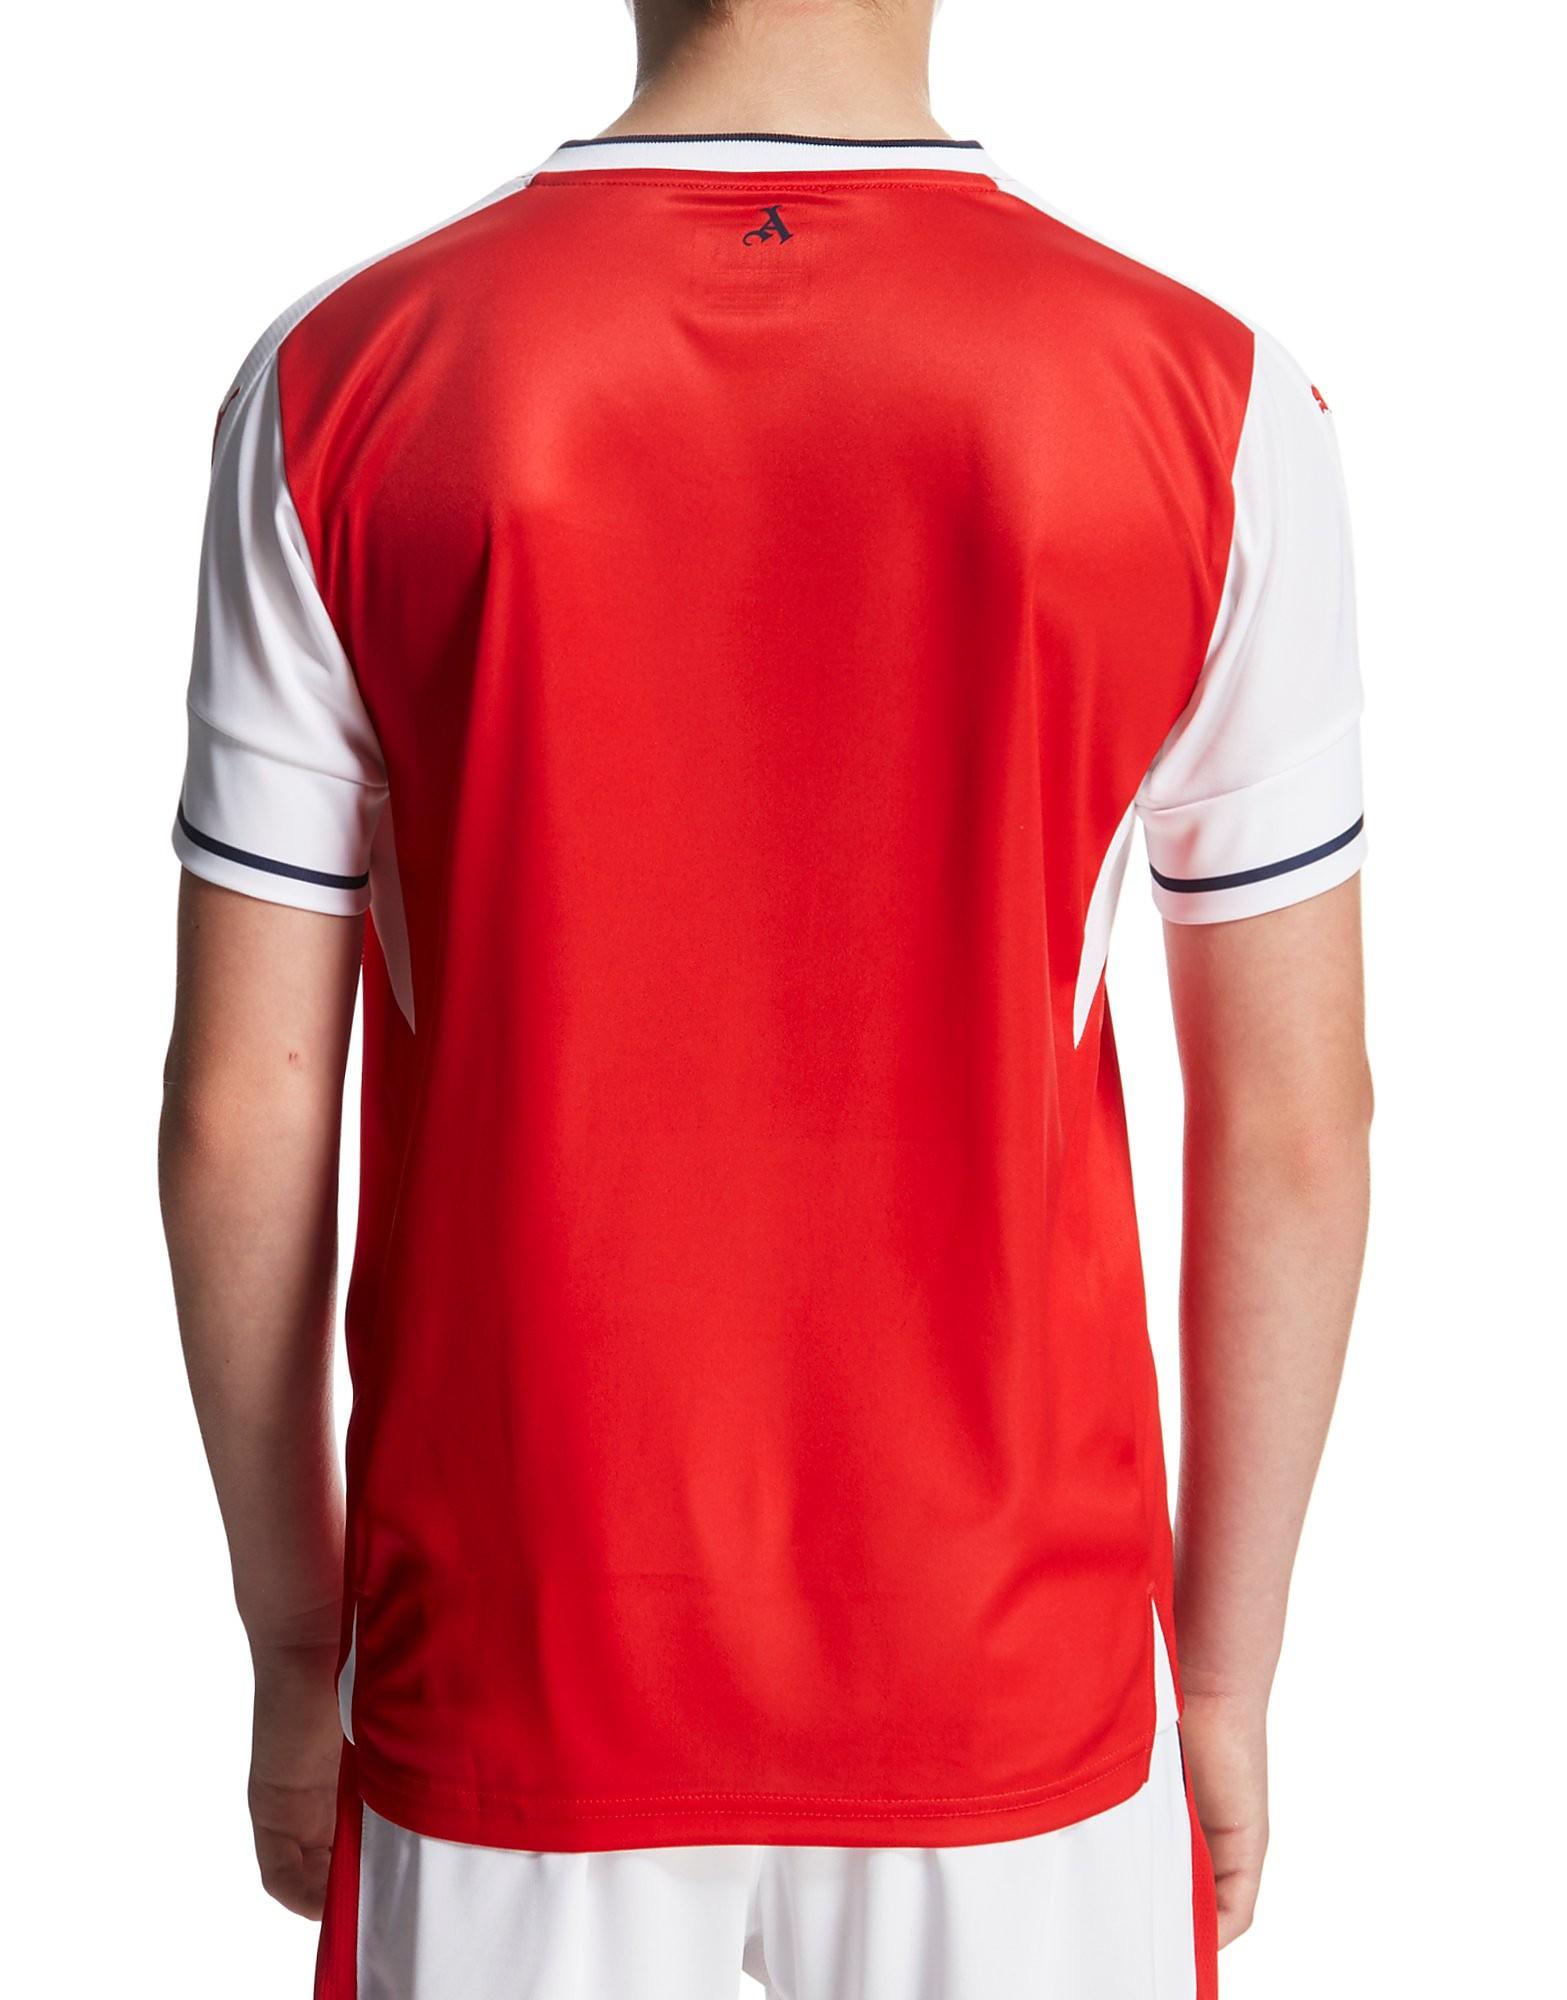 PUMA Arsenal FC 2016/17 Home Shirt Junior